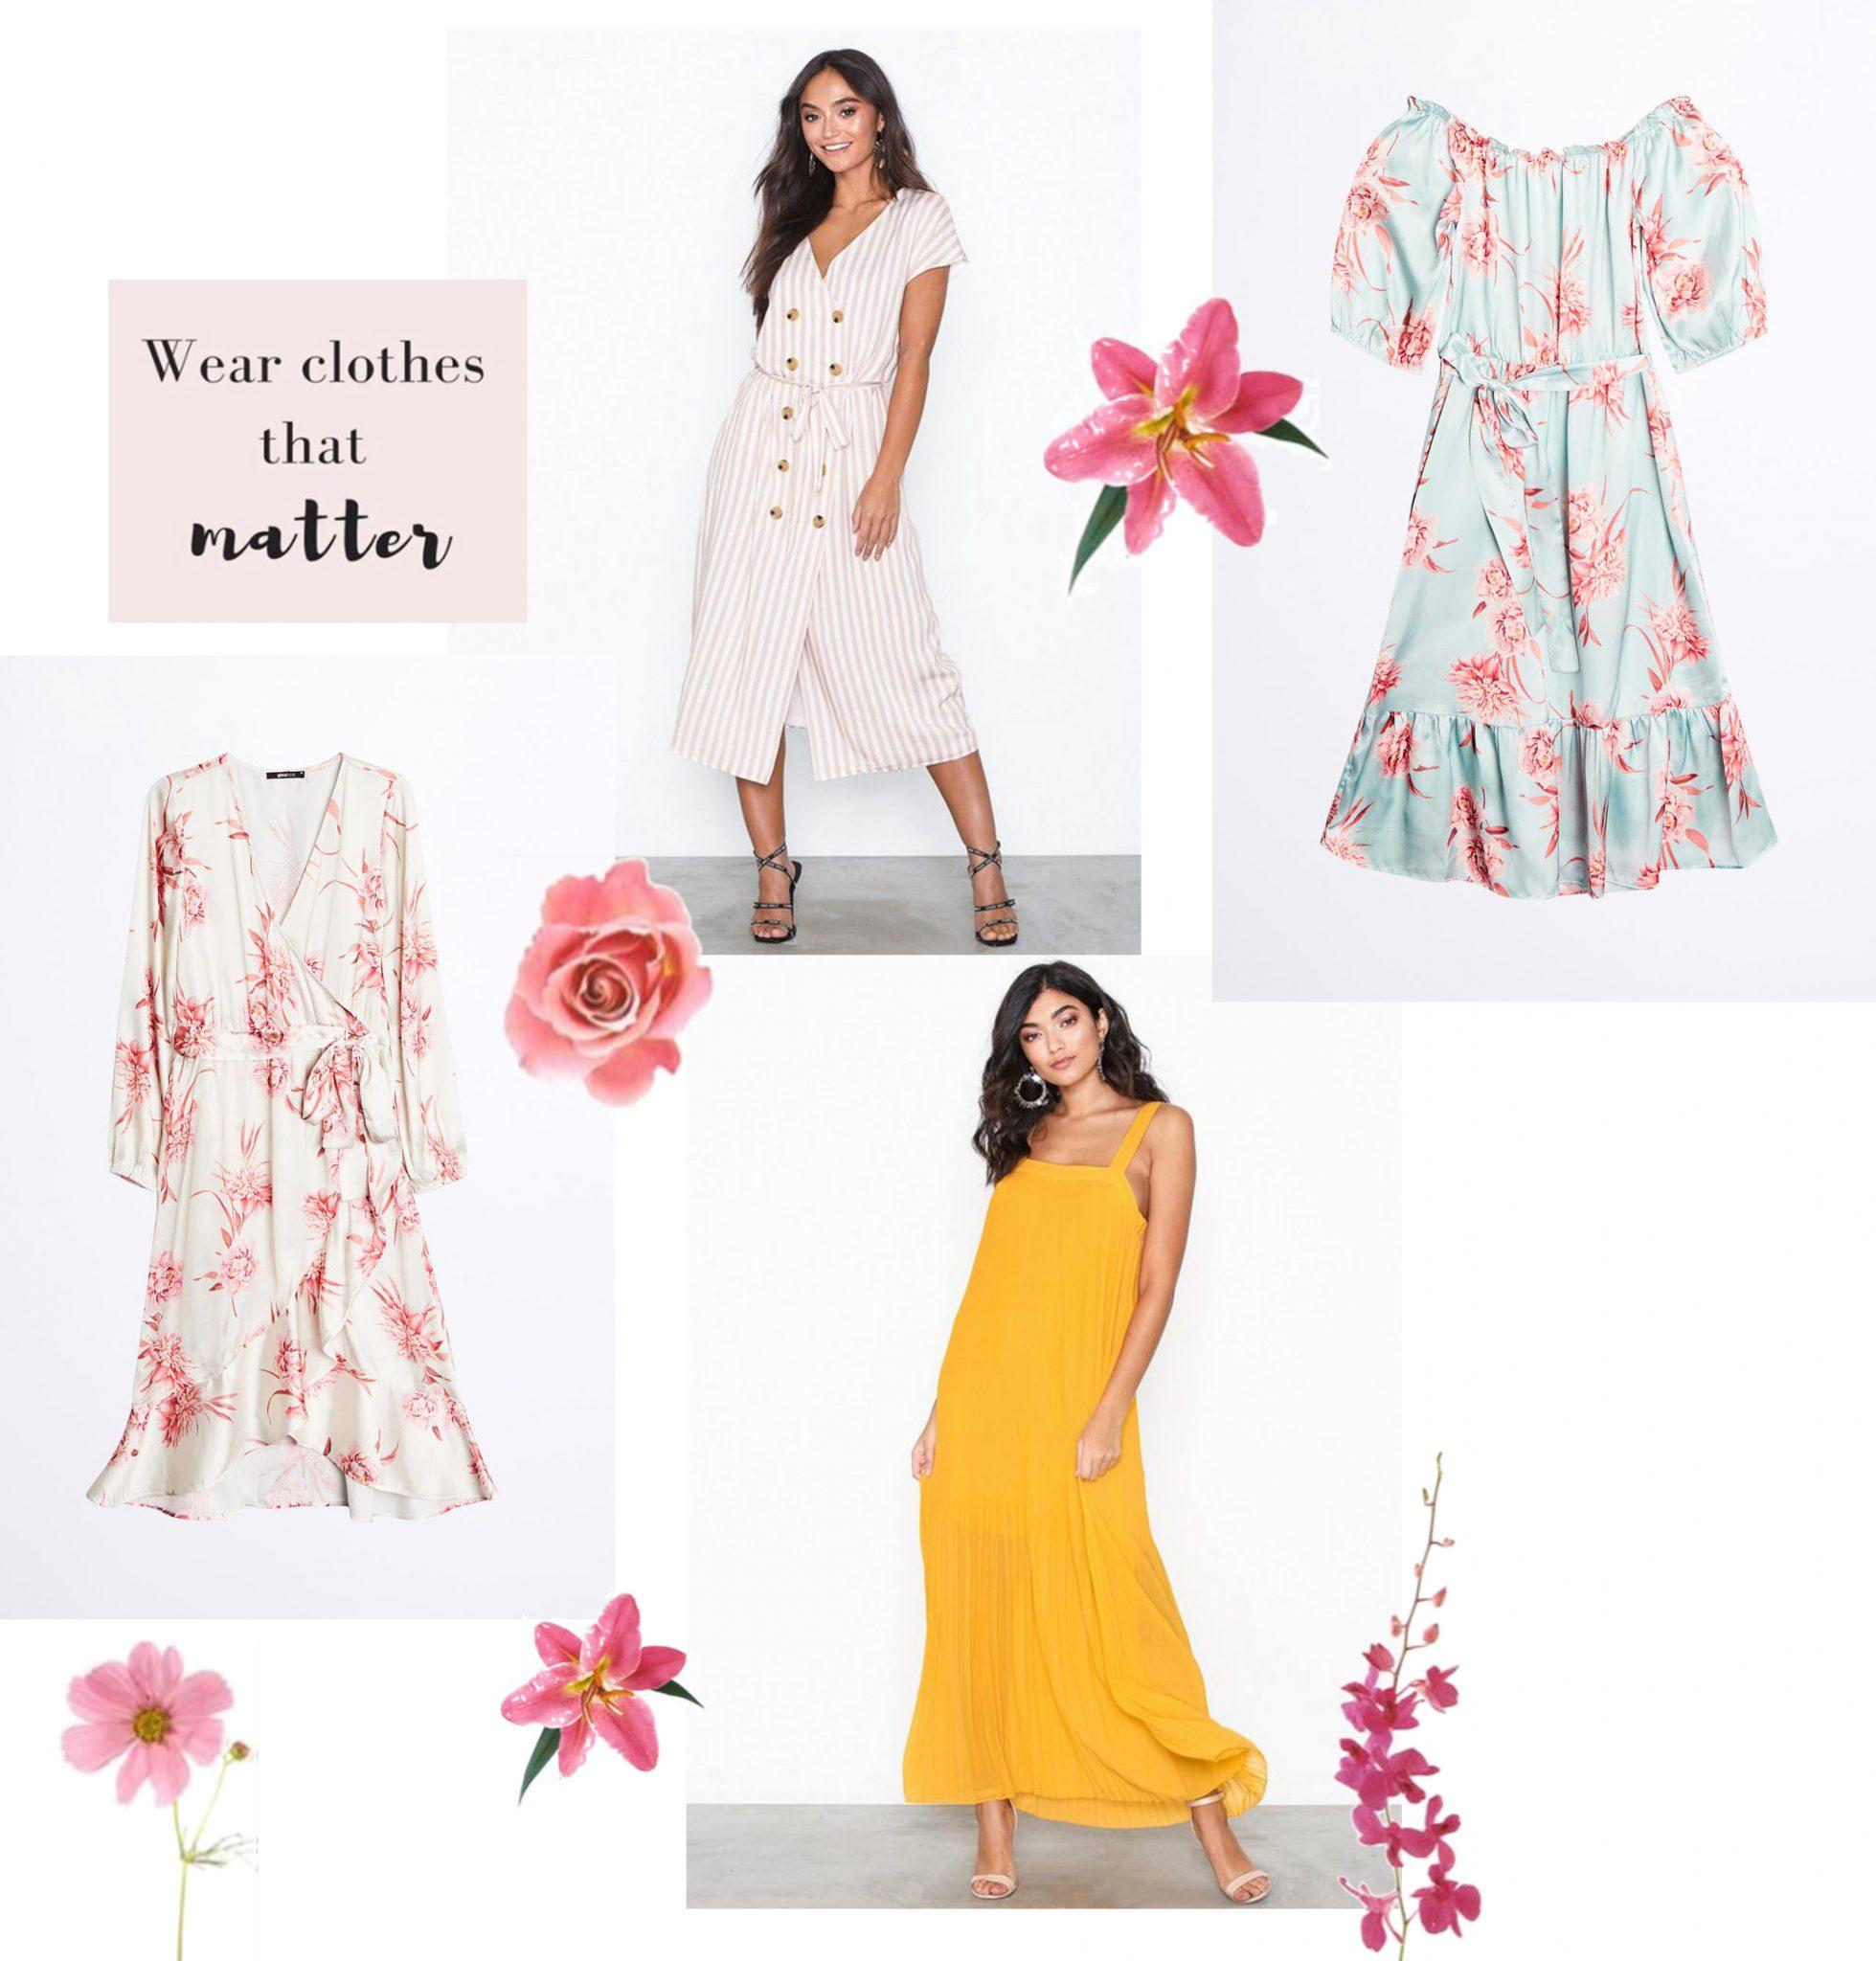 76e3dea83e9a ... det inte bli uppklätt och damigt, kör på en enkel klänning och matcha  med sneakers om du trivs bäst i det. Att göra på blommor, volanger och  klackar är ...